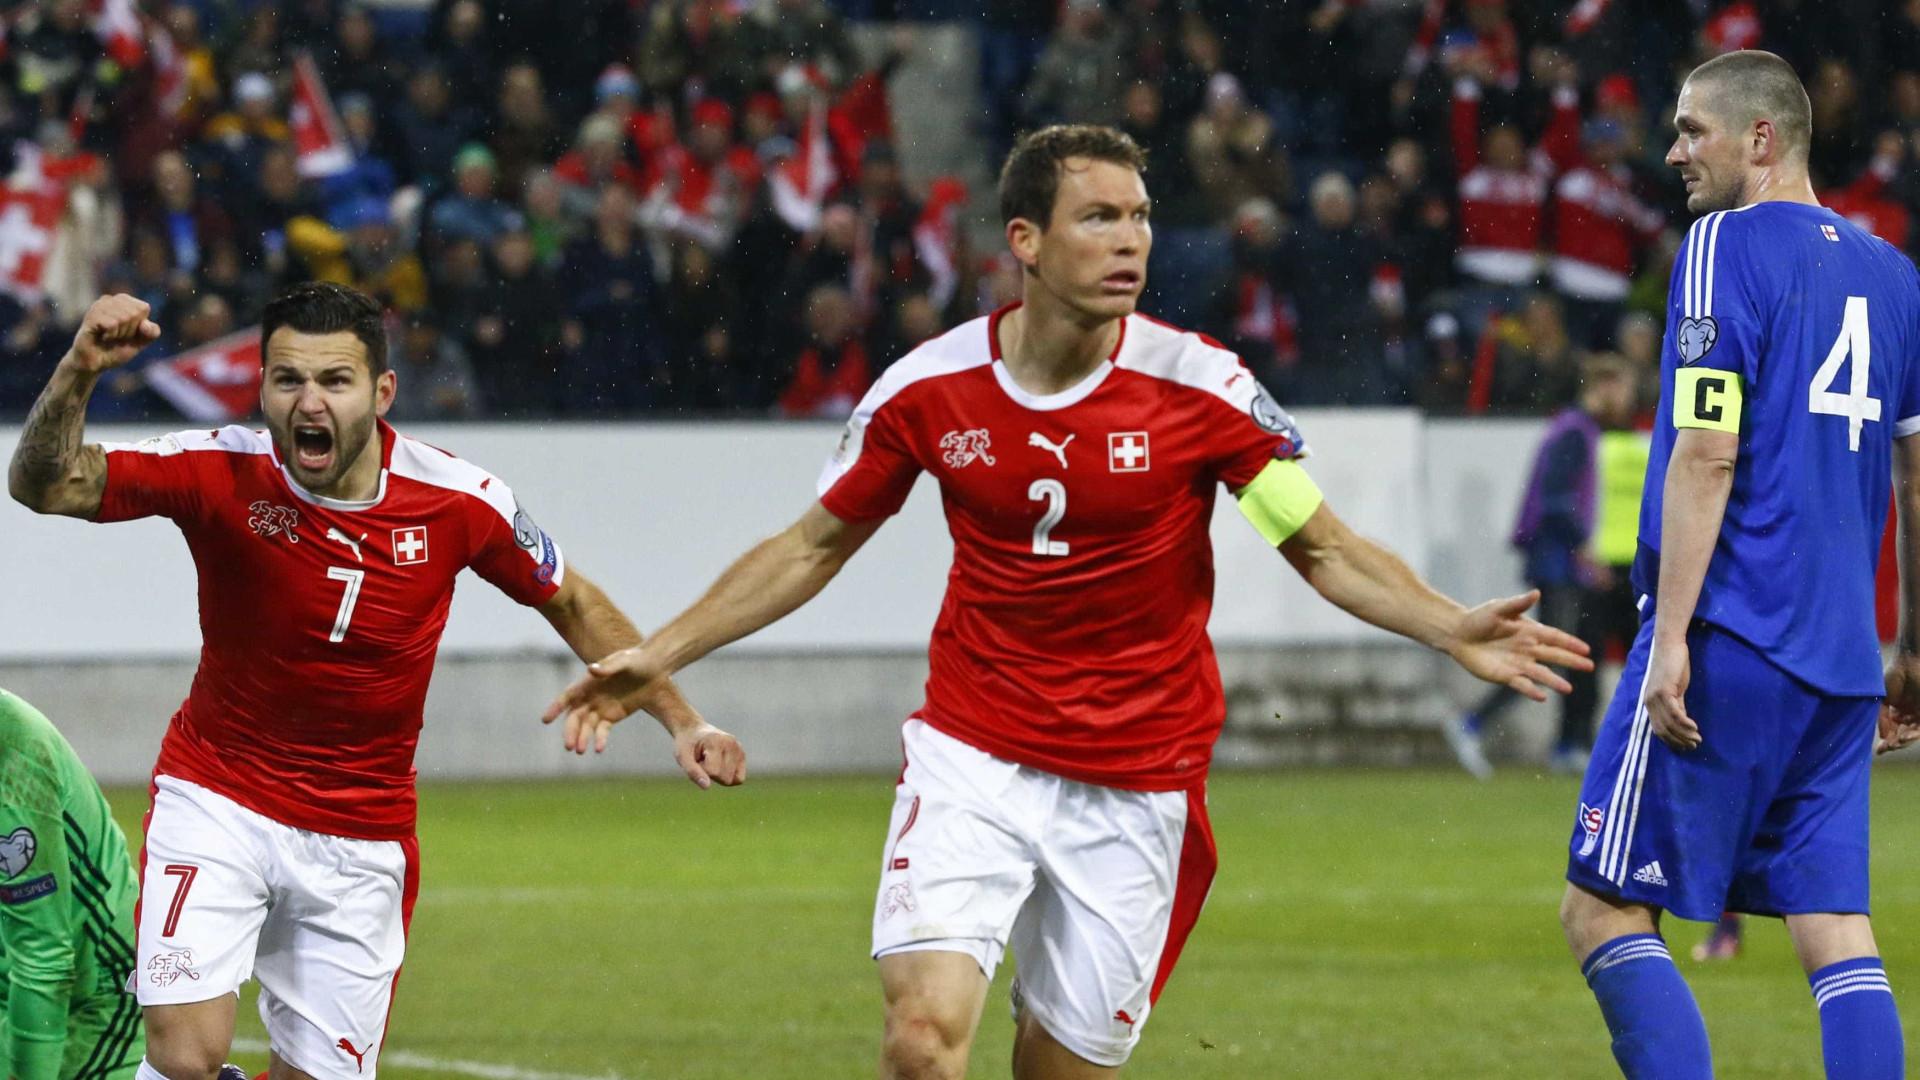 Saiba como assistir ao jogo AO VIVO na TV — Portugal x Suíça